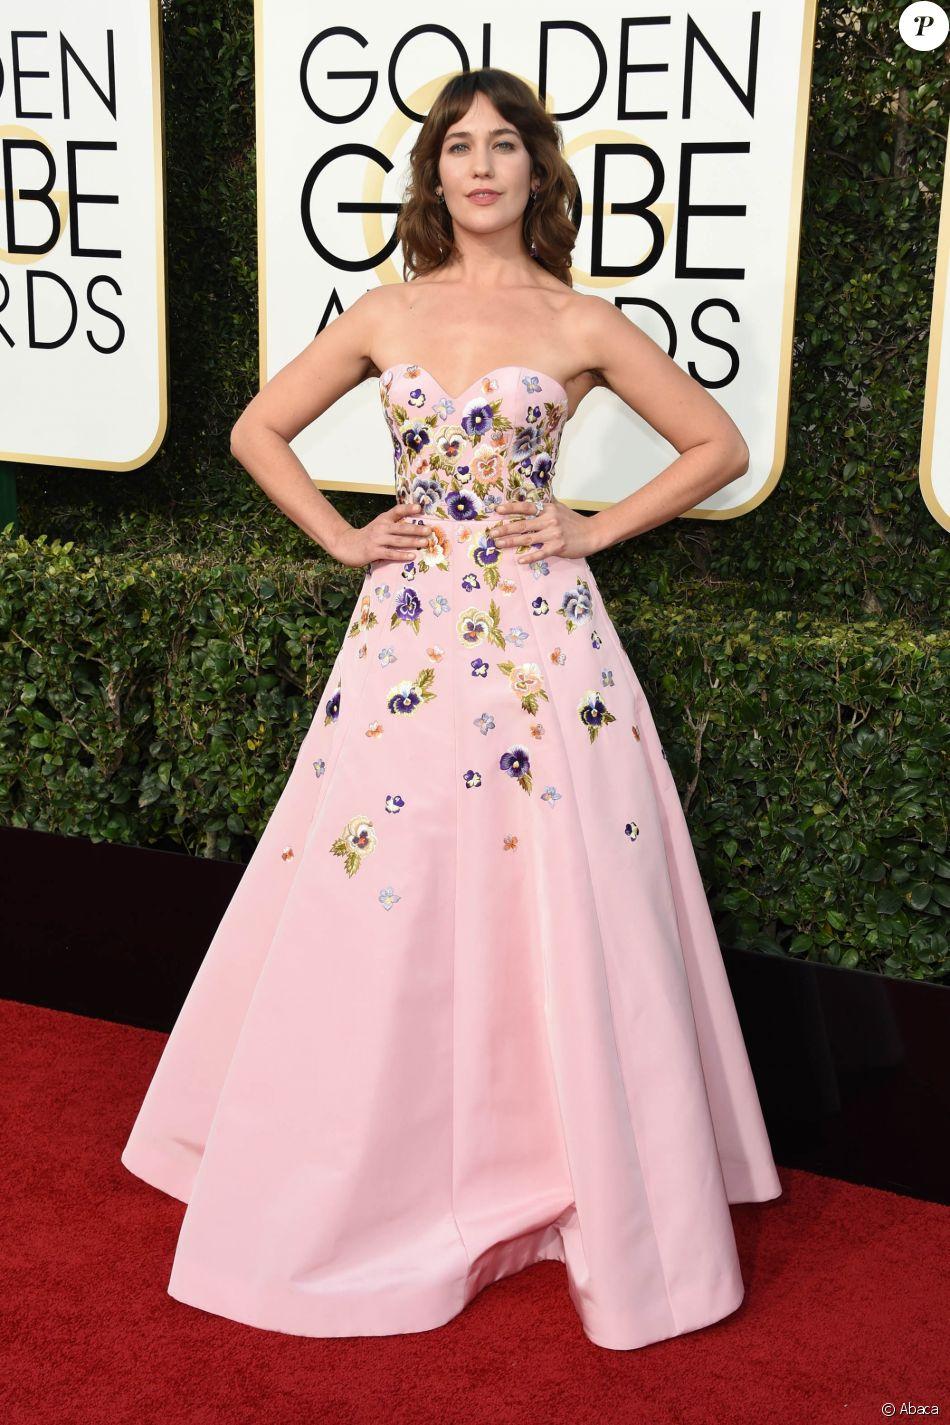 Lola Kirke montre ses aisselles non épilées - Soirée des Golden Globes à Los Angeles le 8 janvier 2017